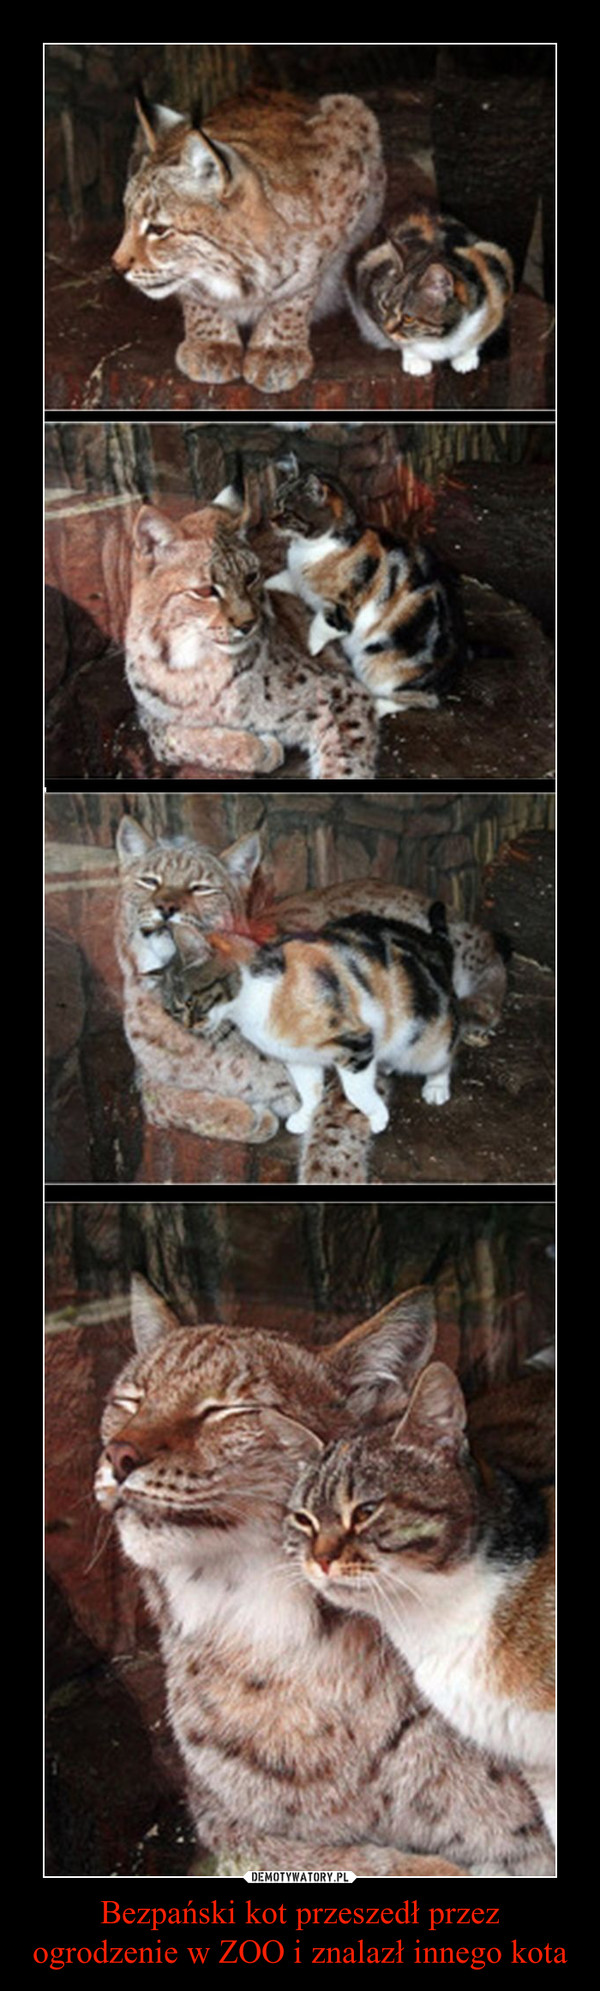 Bezpański kot przeszedł przez ogrodzenie w ZOO i znalazł innego kota –